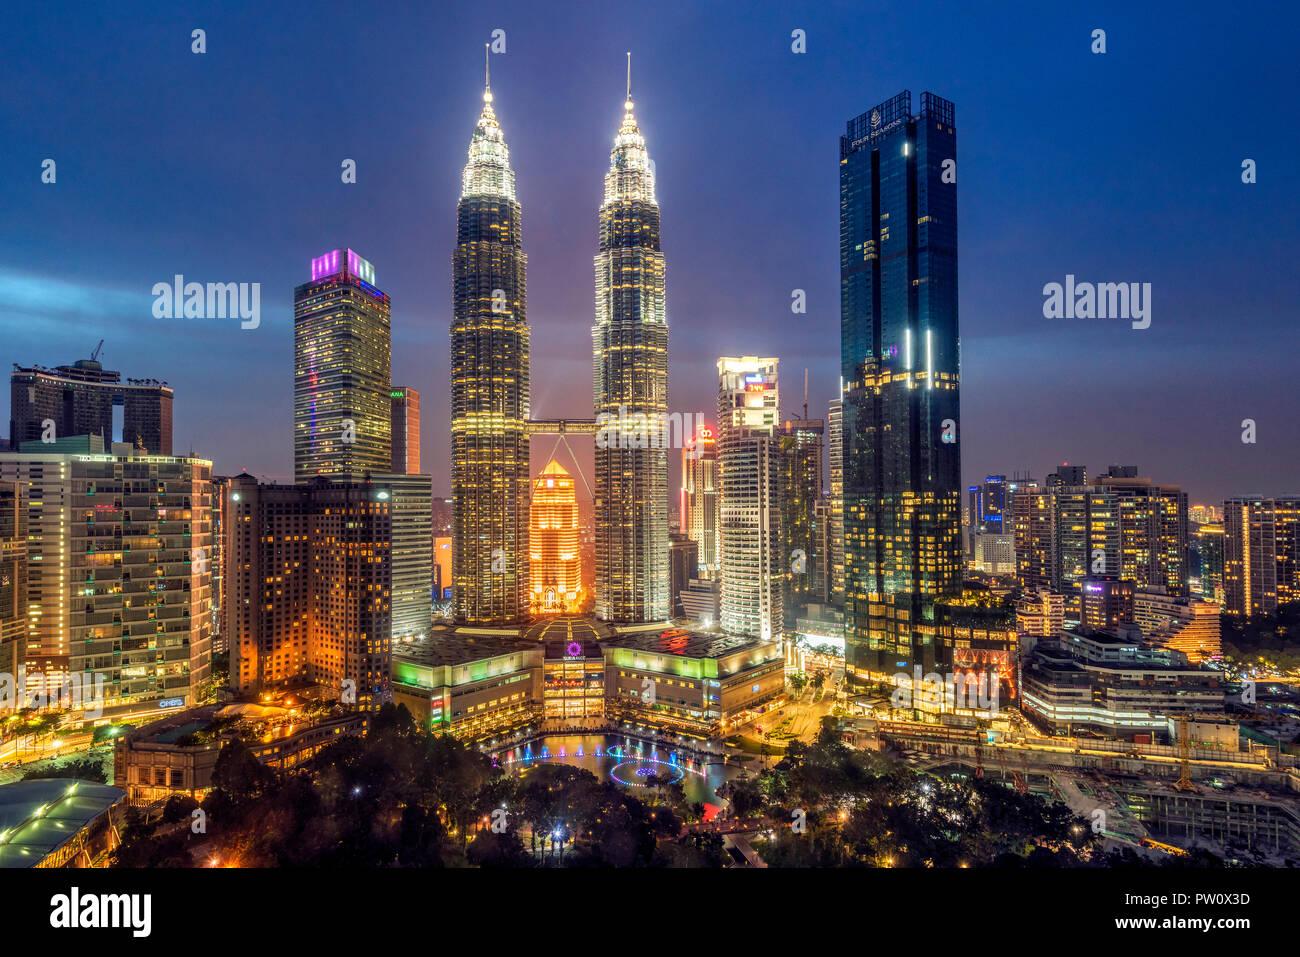 City skyline with Petronas Towers at night, Kuala Lumpur, Malaysia - Stock Image